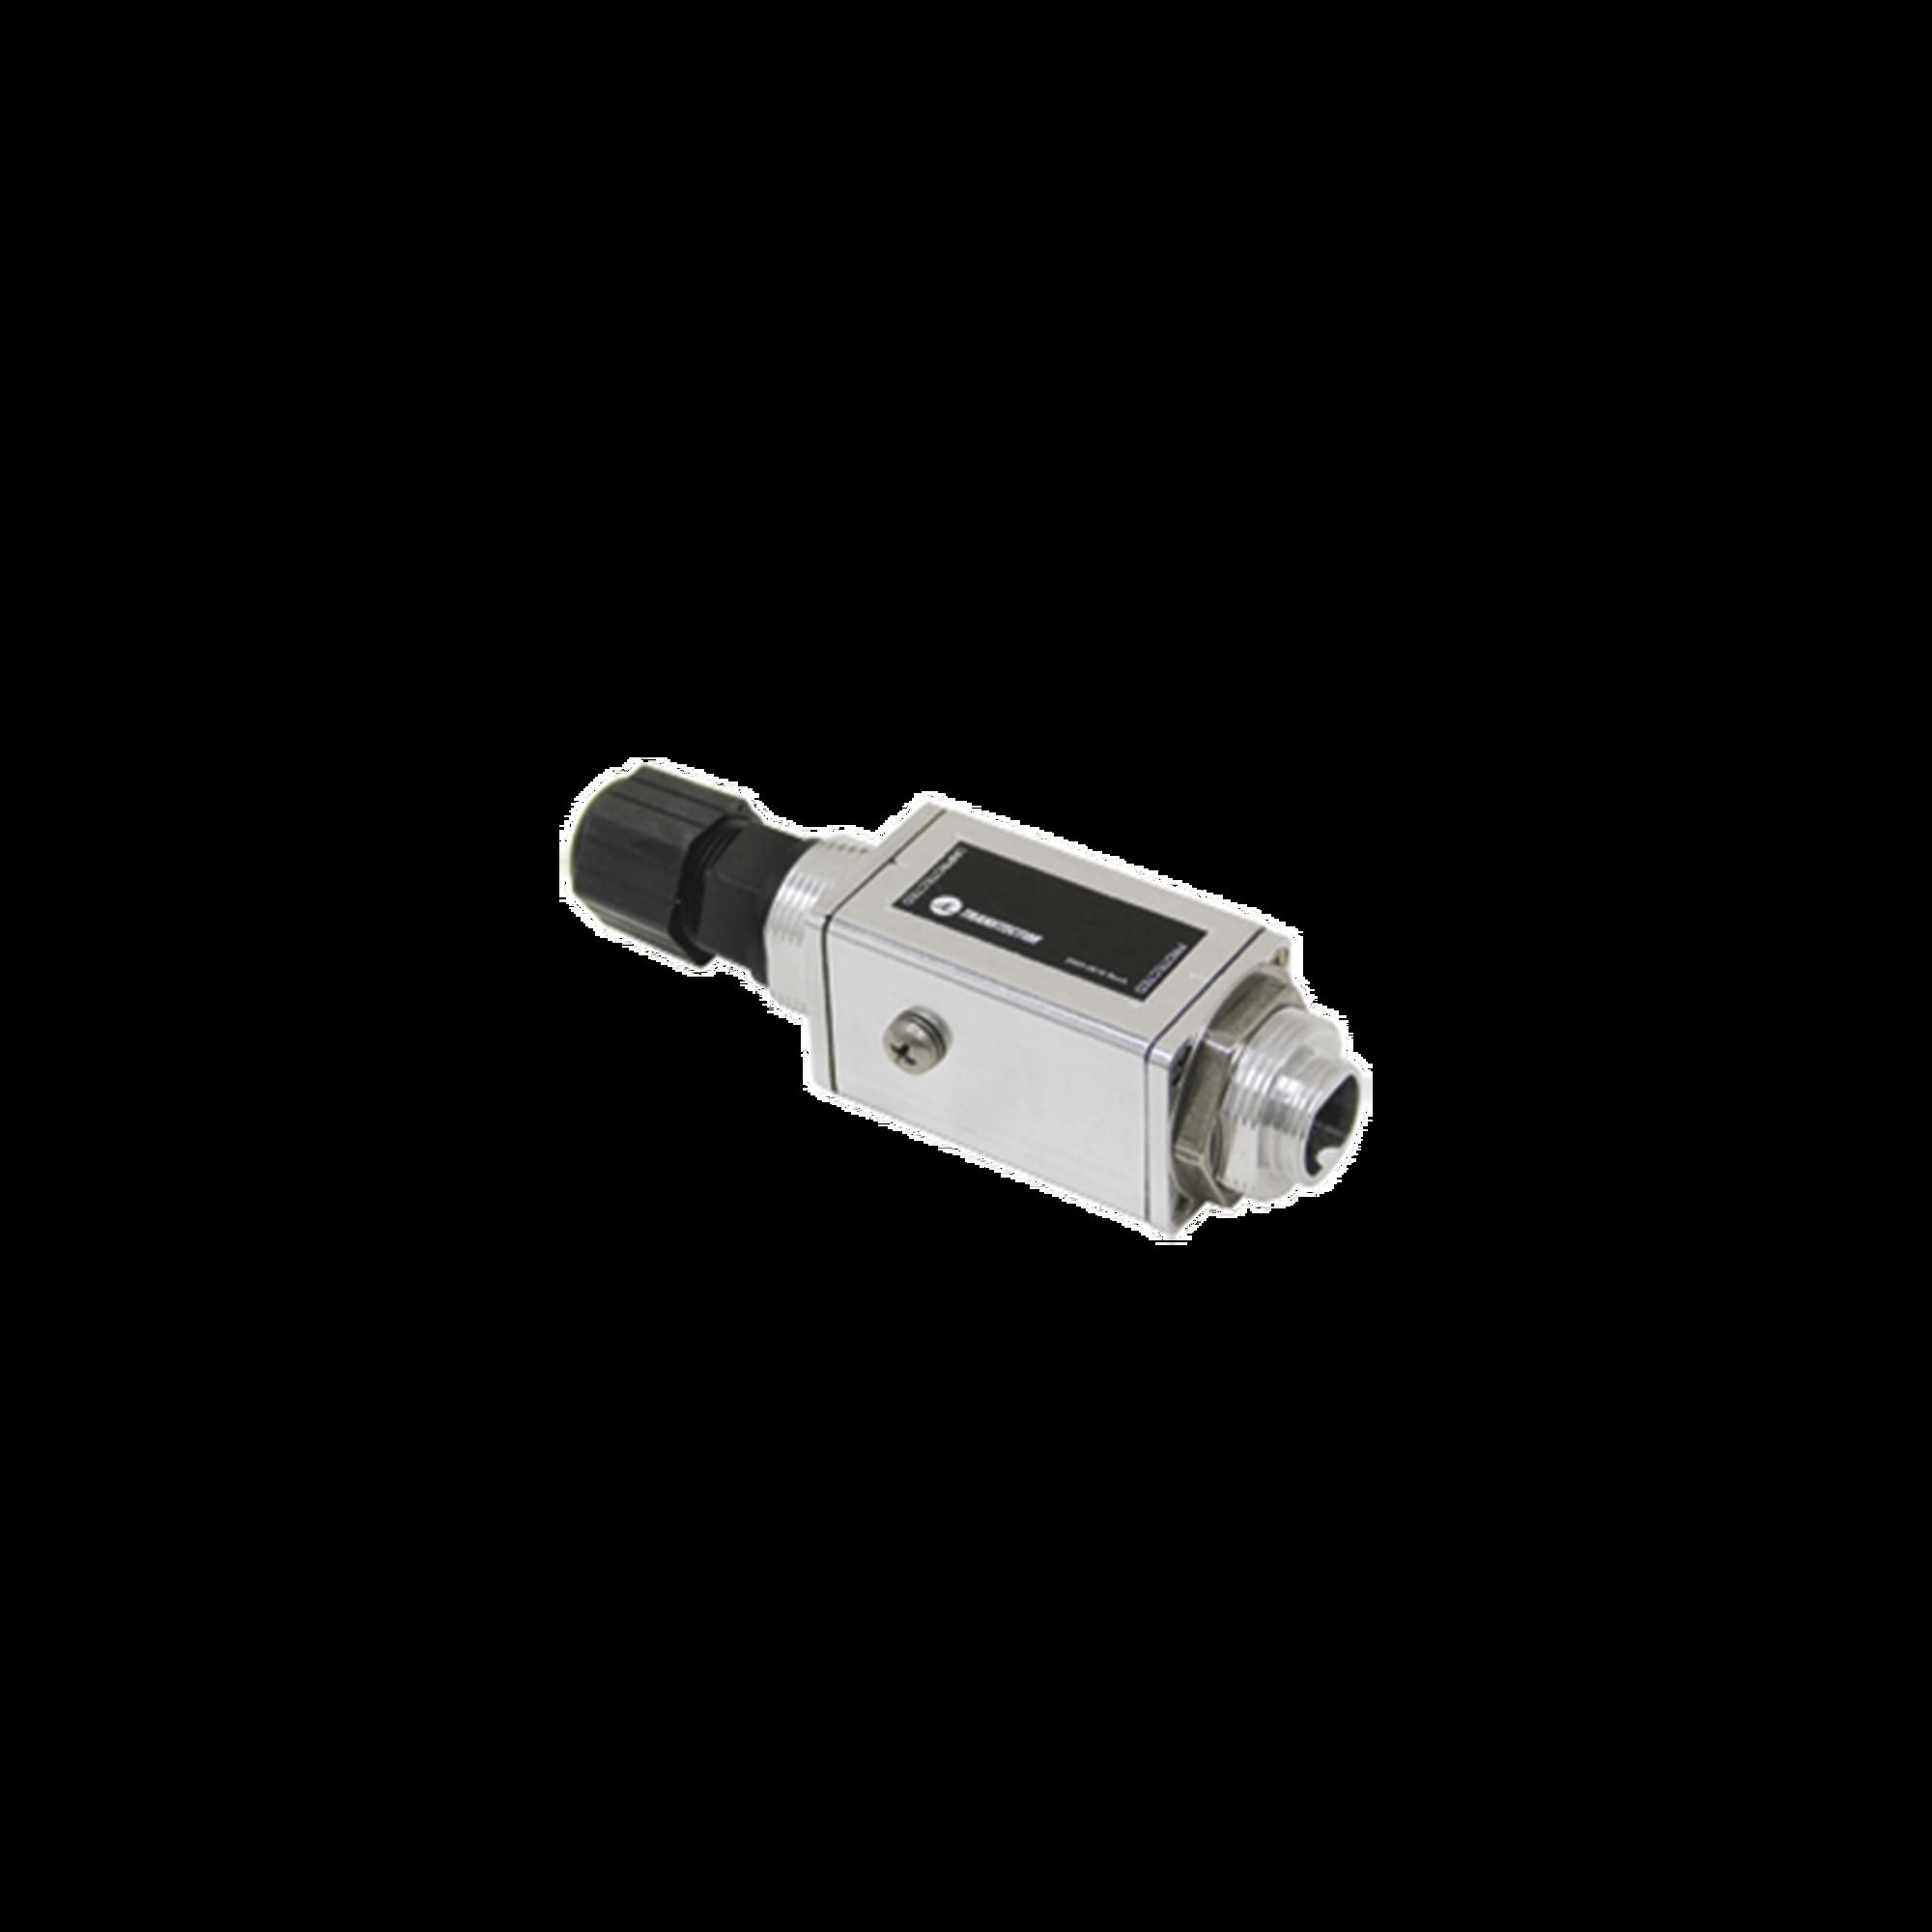 Protector POE Contra Descargas Eléctricas y Atmosféricas Con 10 Años de Garantía En Montaje Bulkhead (mampara) Para Cat5e 1000 Mbps